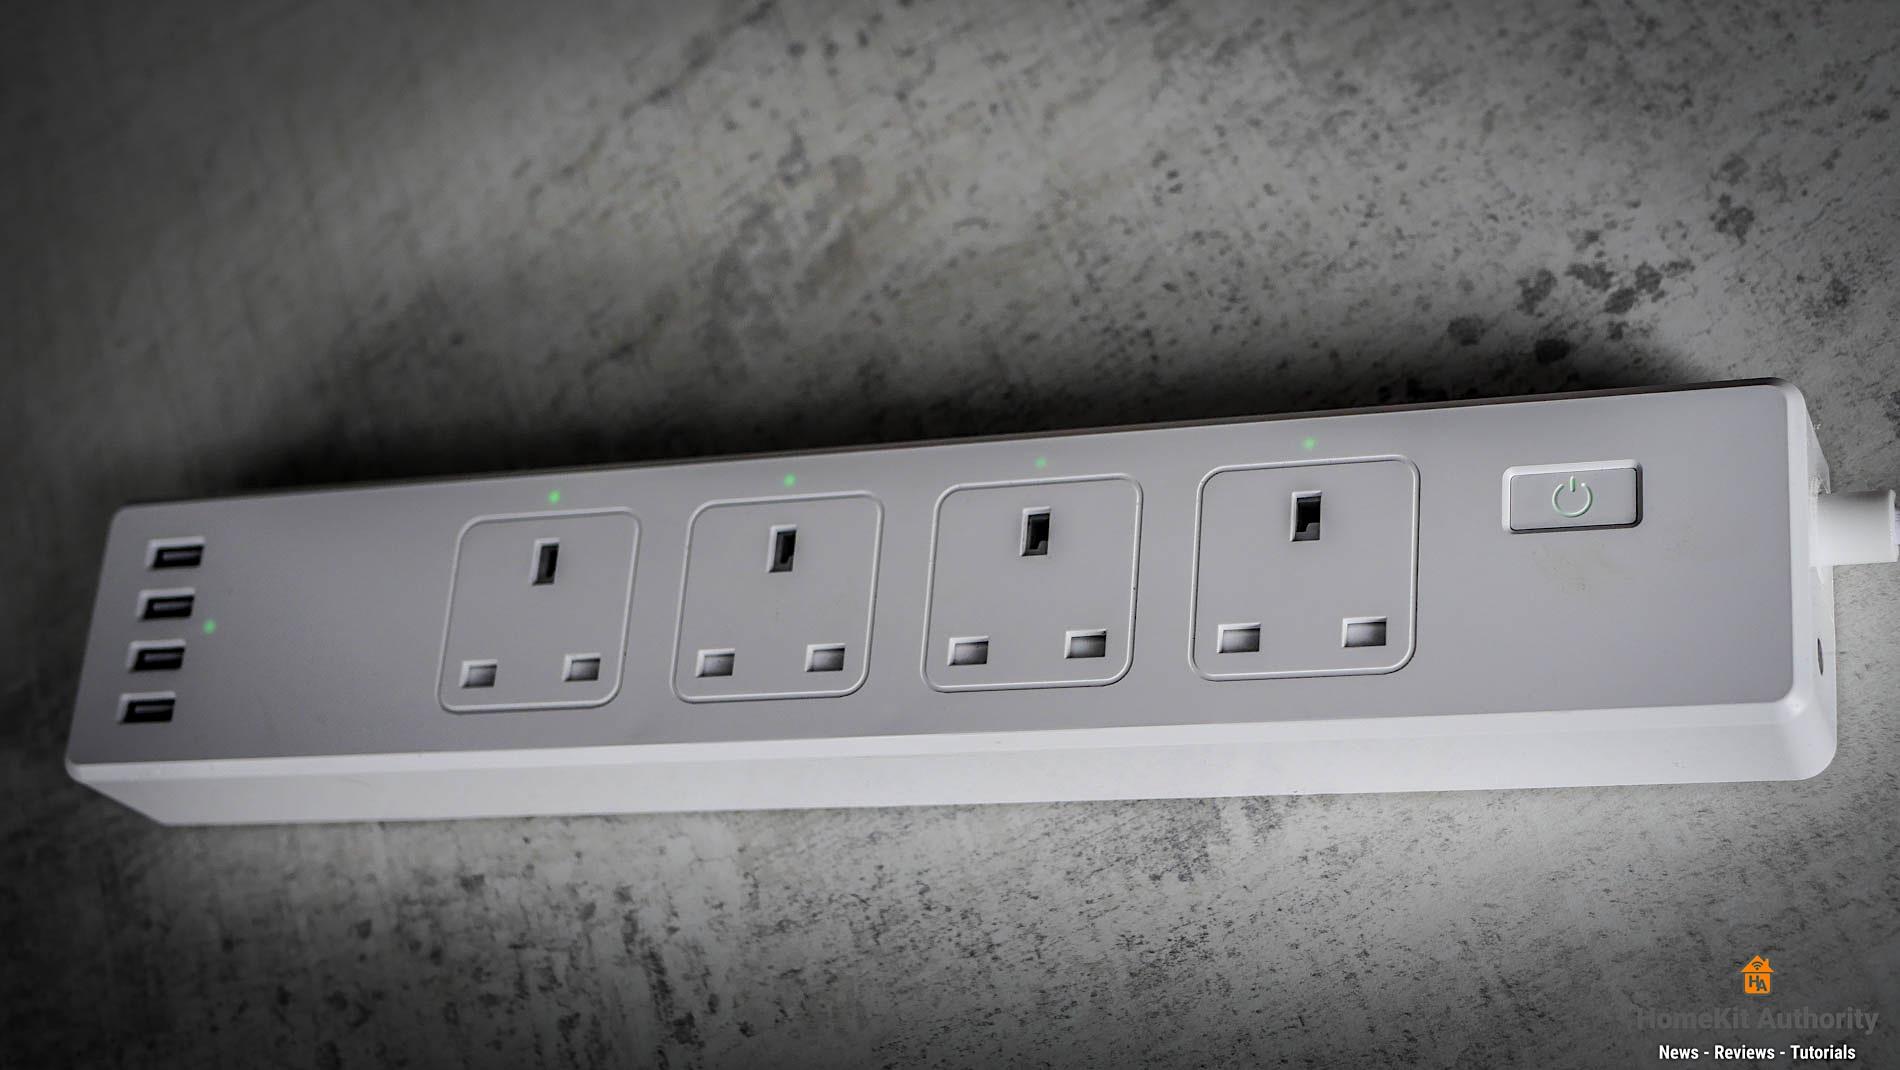 Meross smart power strip review